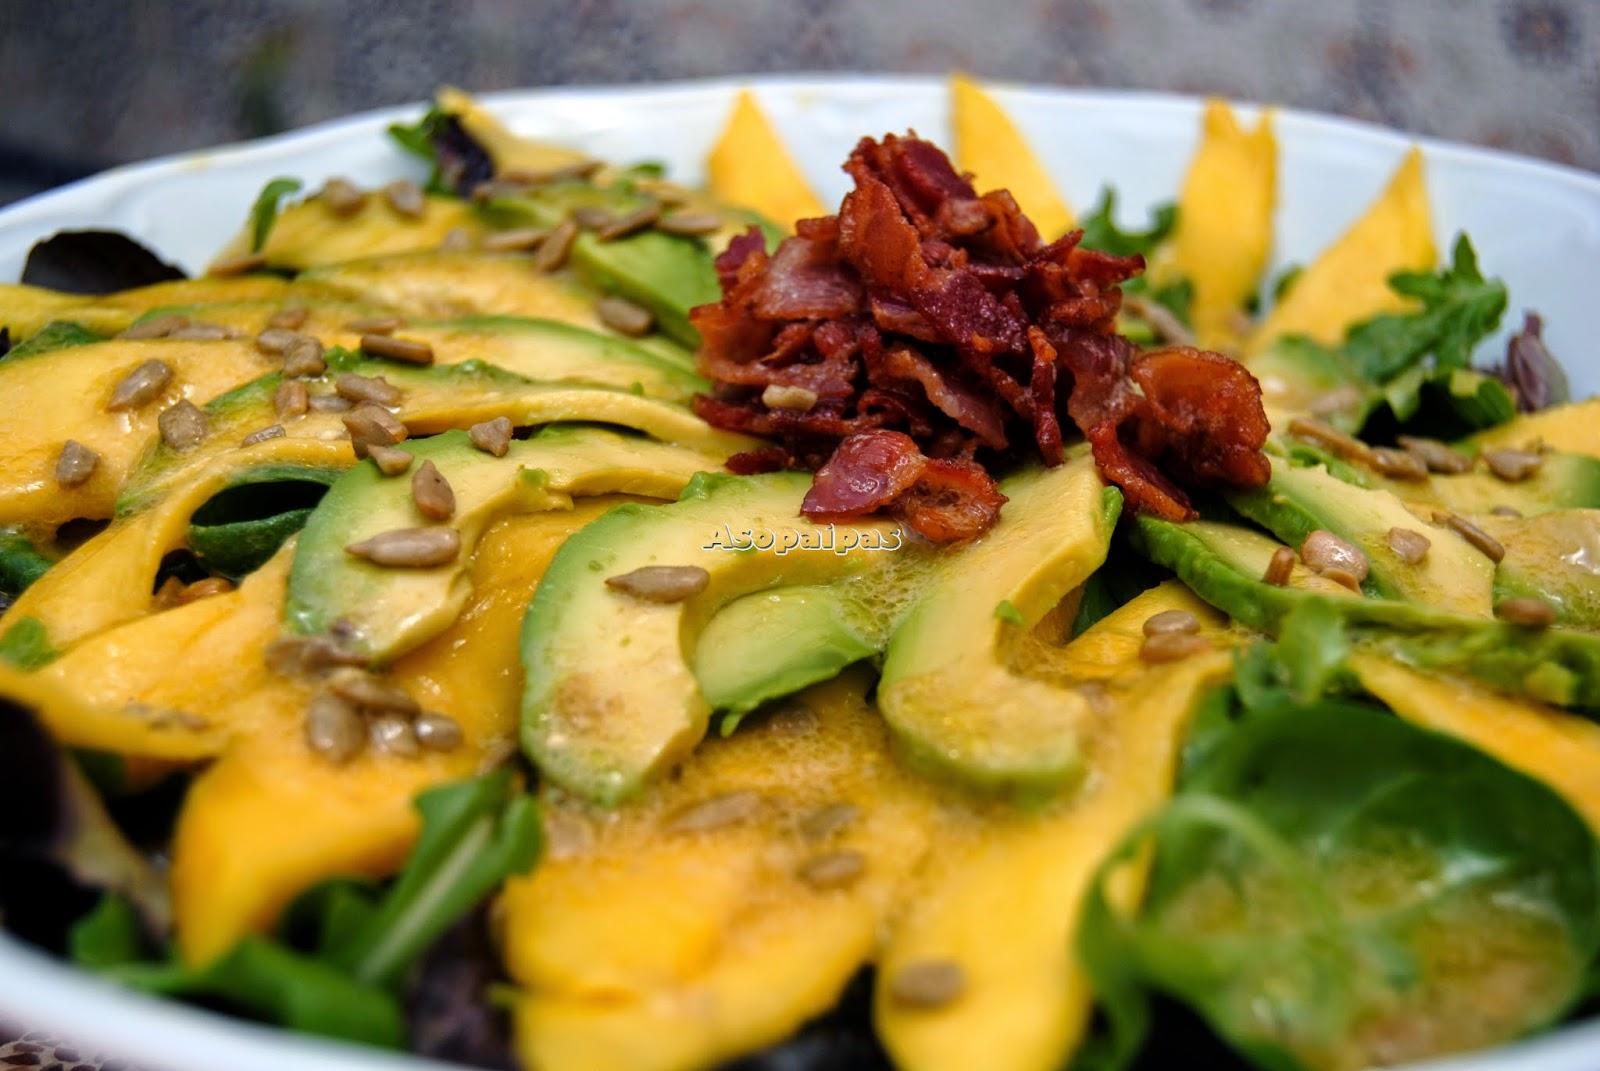 Ensalada de Aguacate, Canónigos, Mango, Rúcula y Bacon Crujiente